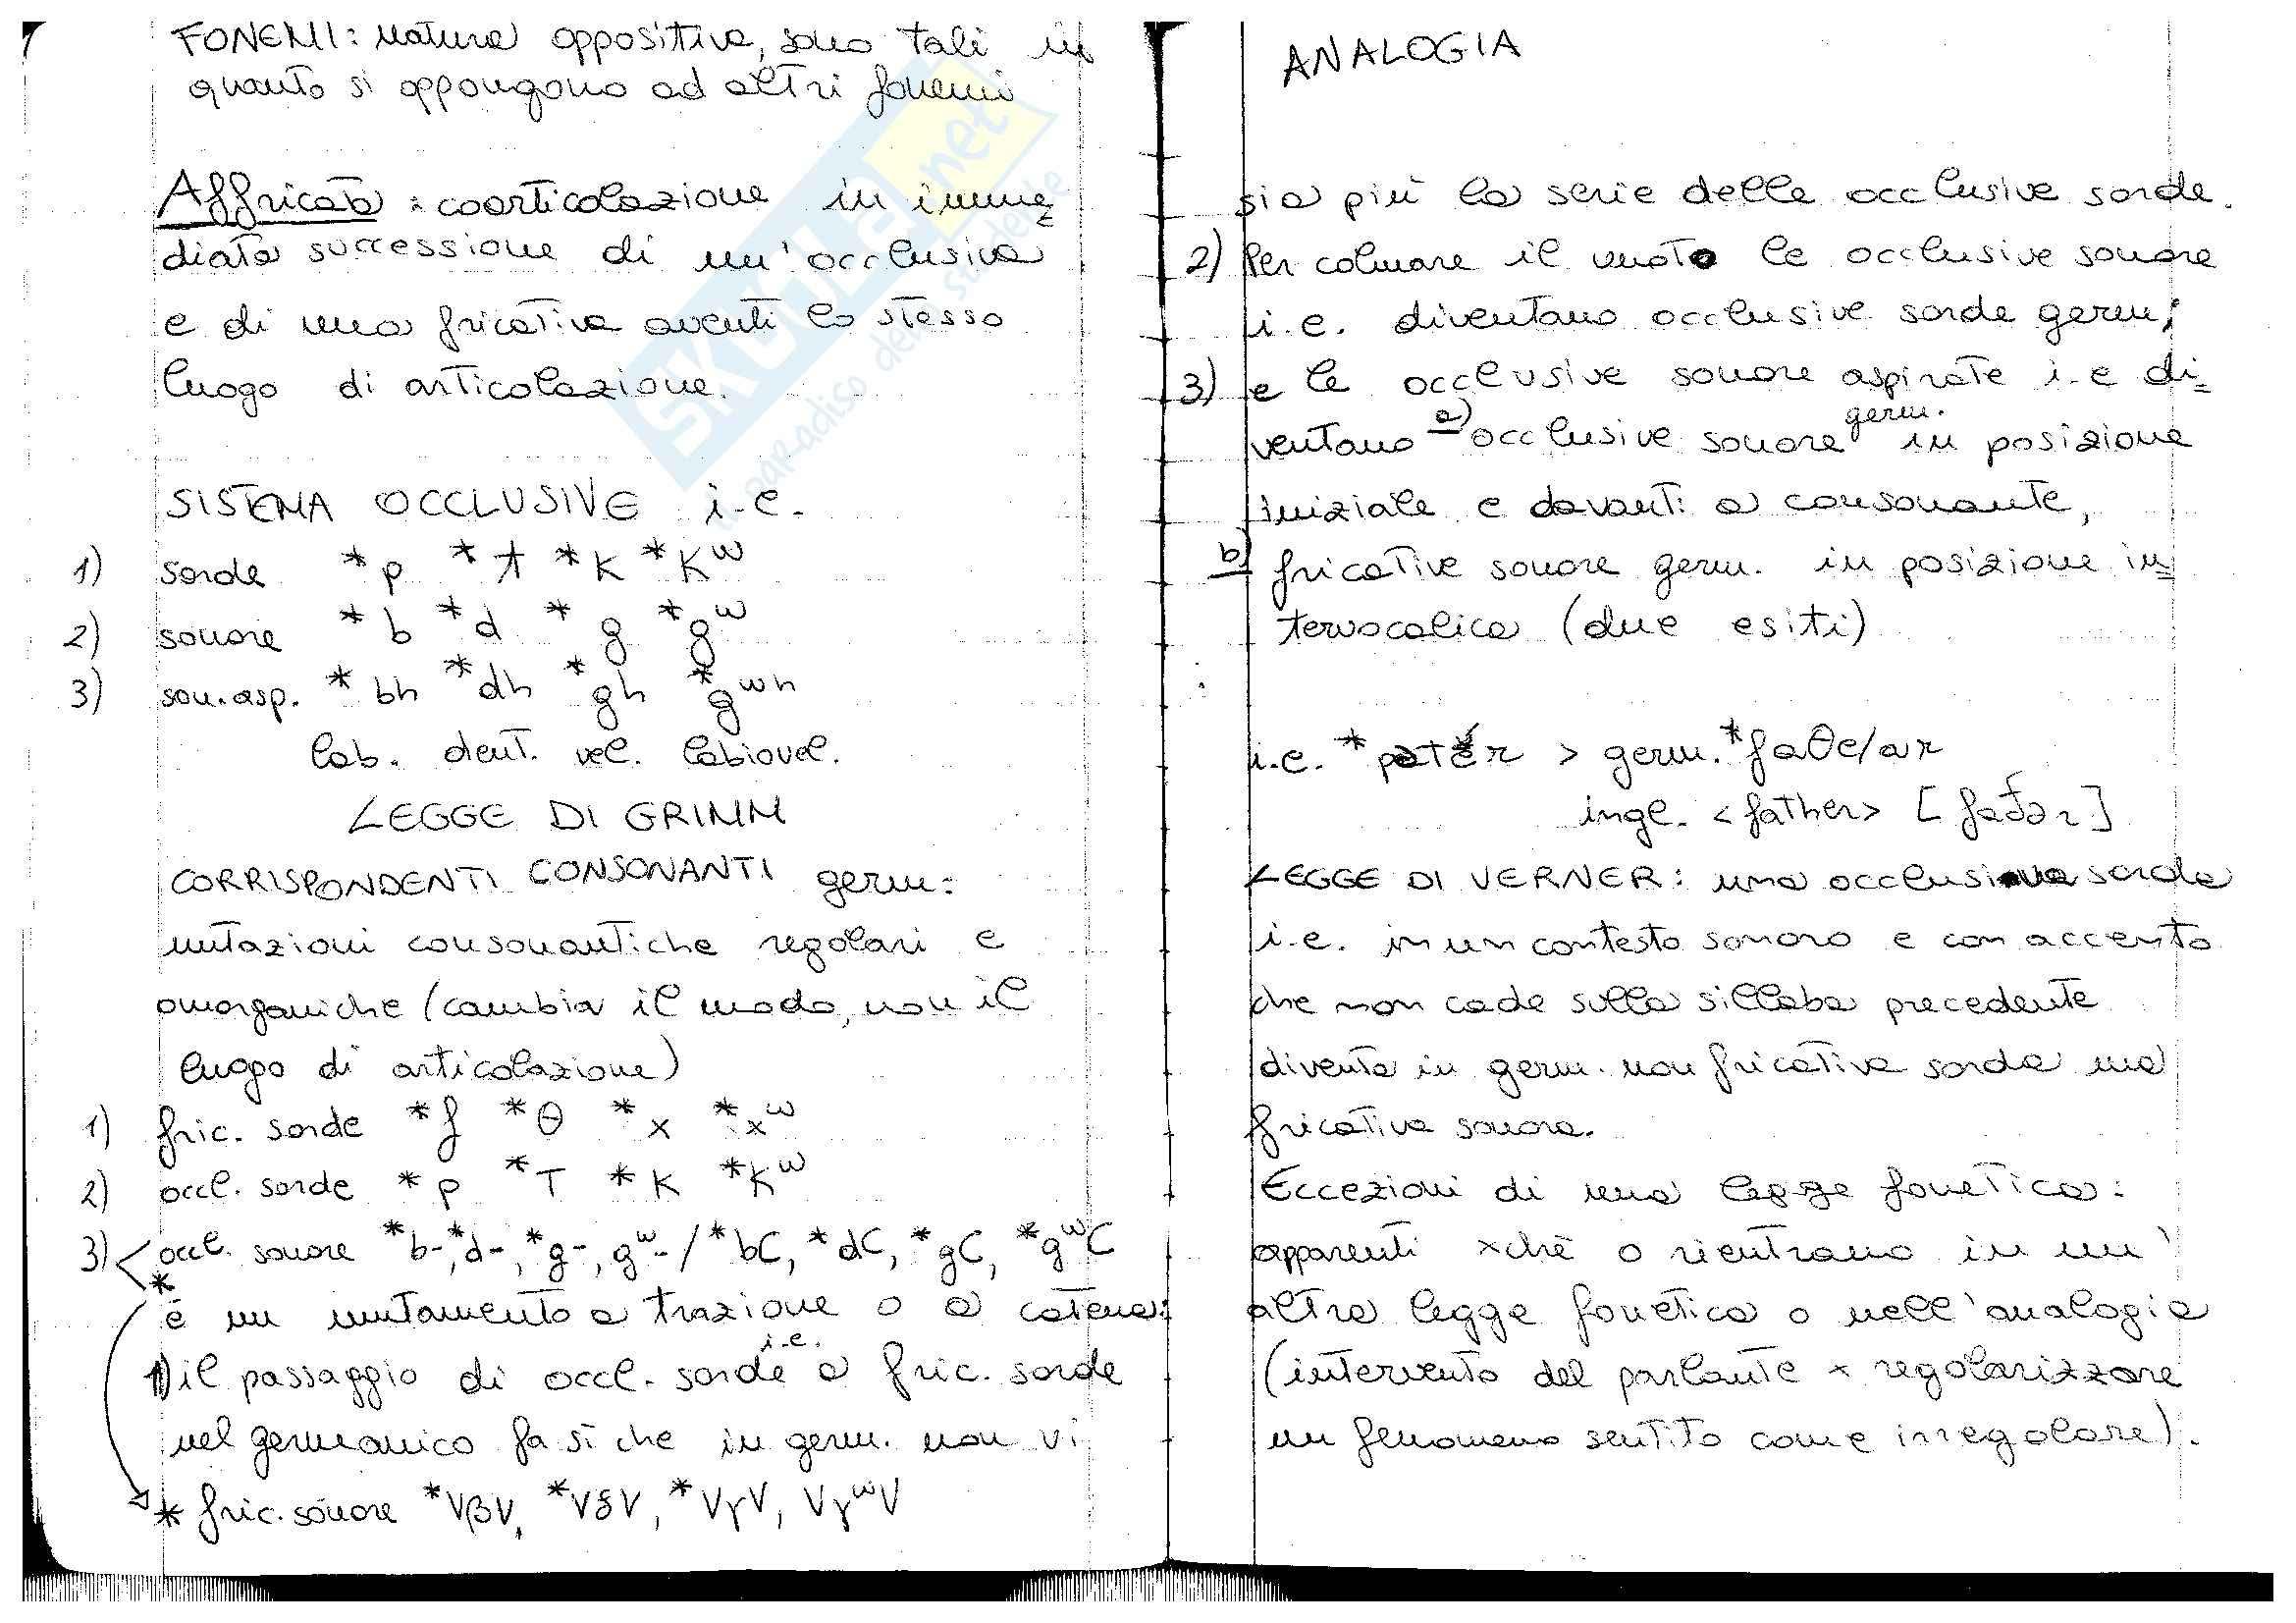 Legge di Grimm e legge di Verner